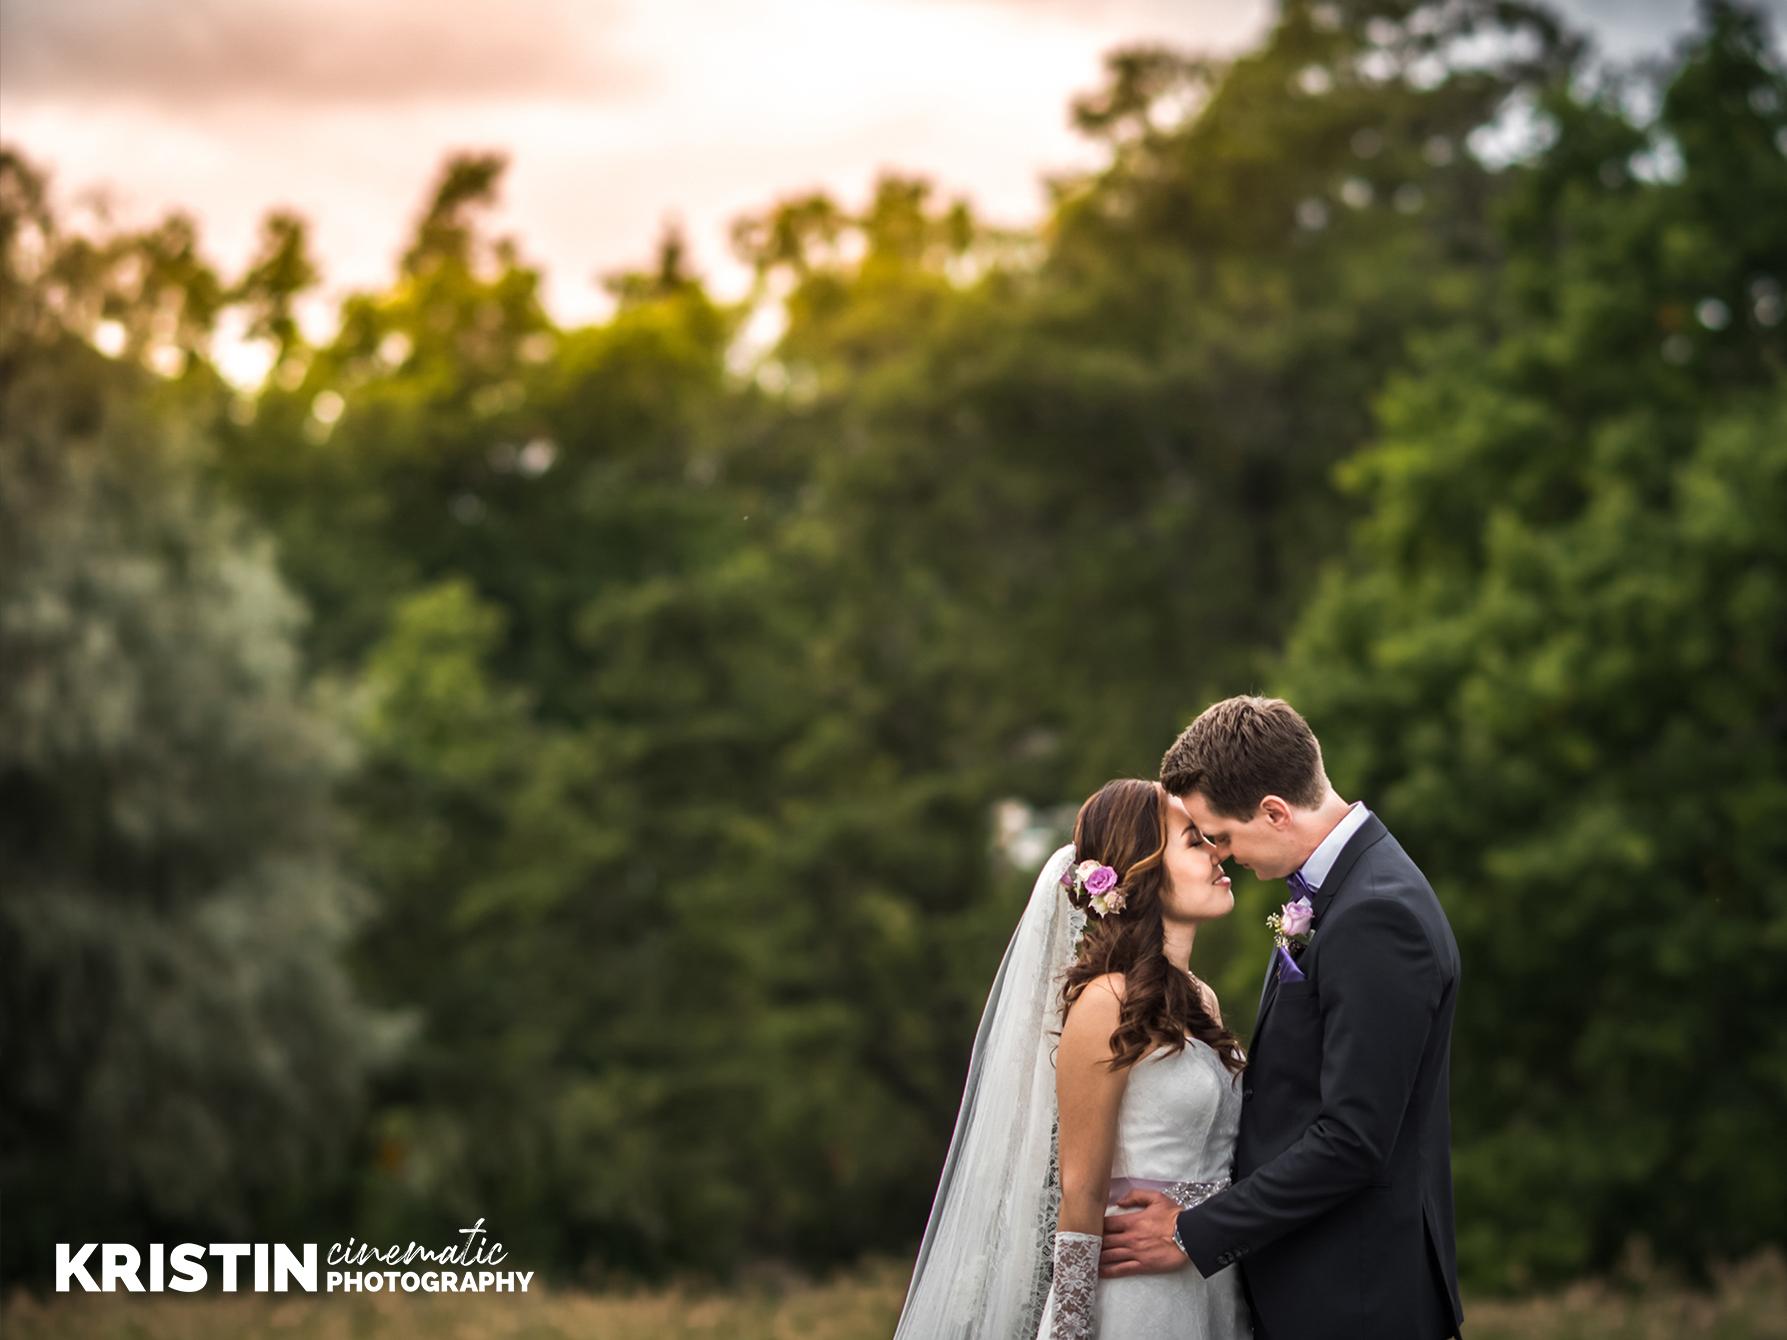 Bröllopsfotograf i Eskilstuna Kristin - Photography-17.jpg